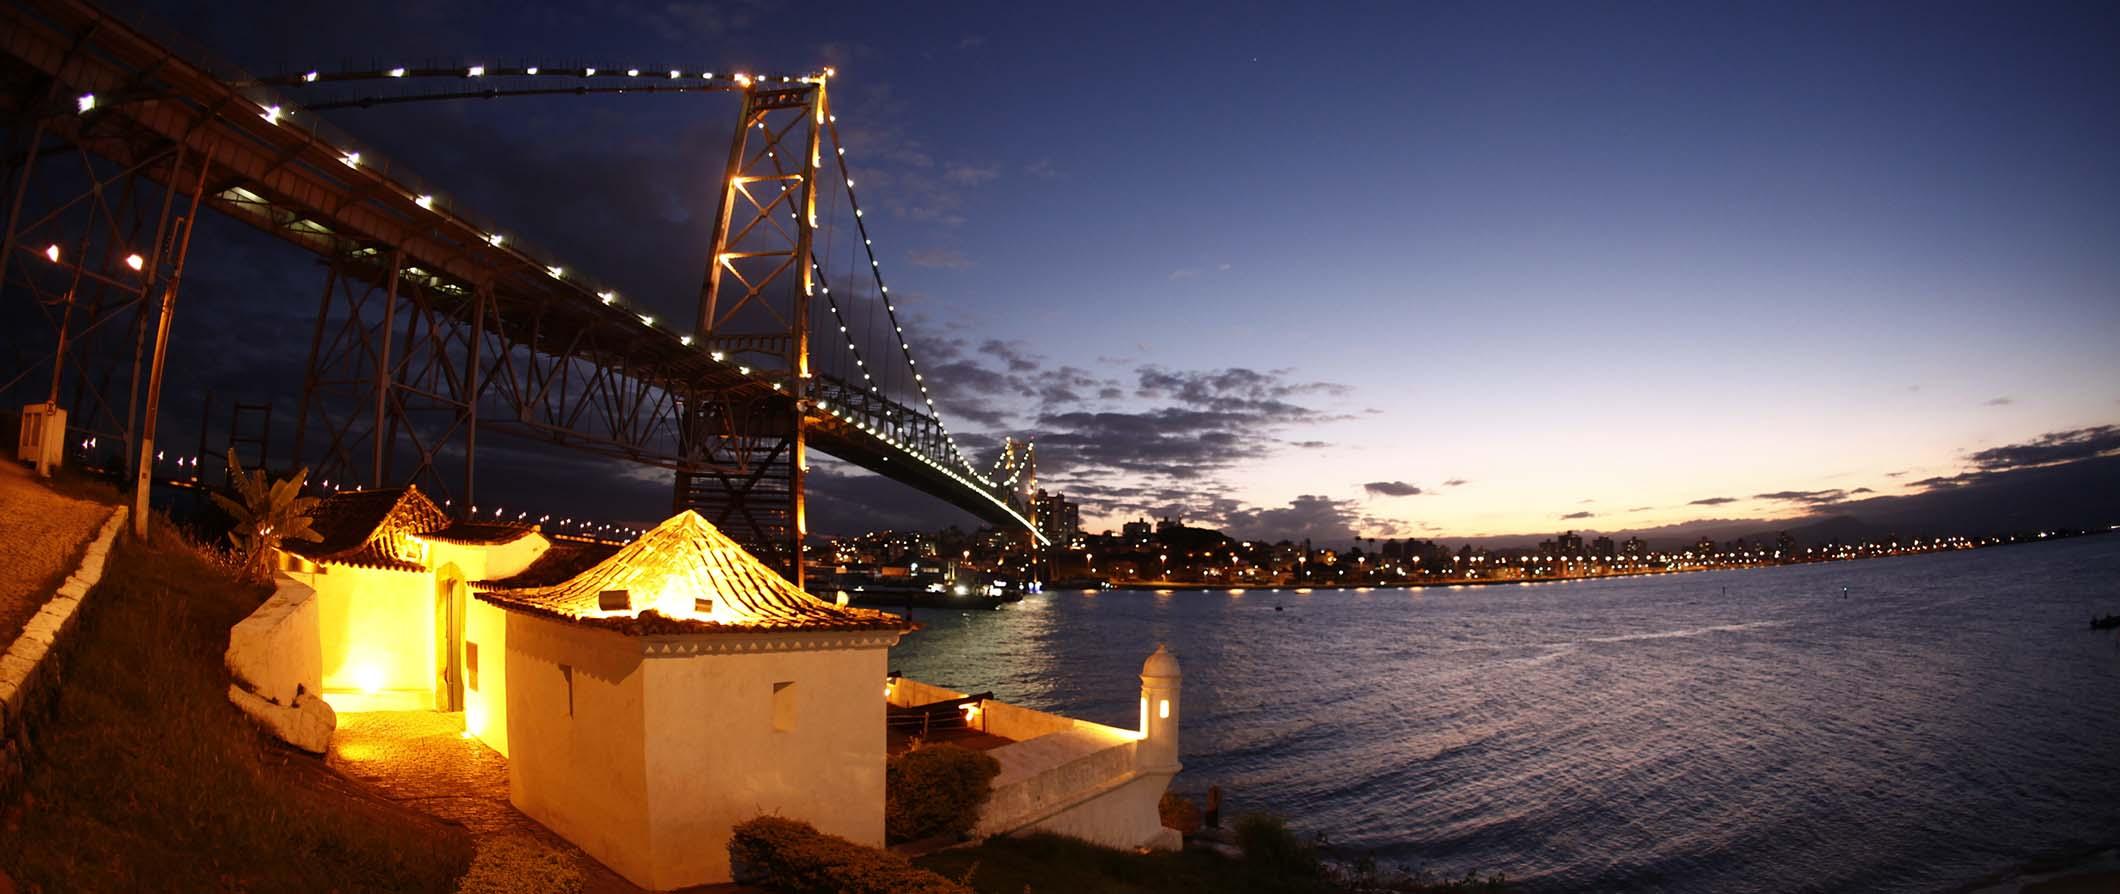 Florianópolis at night